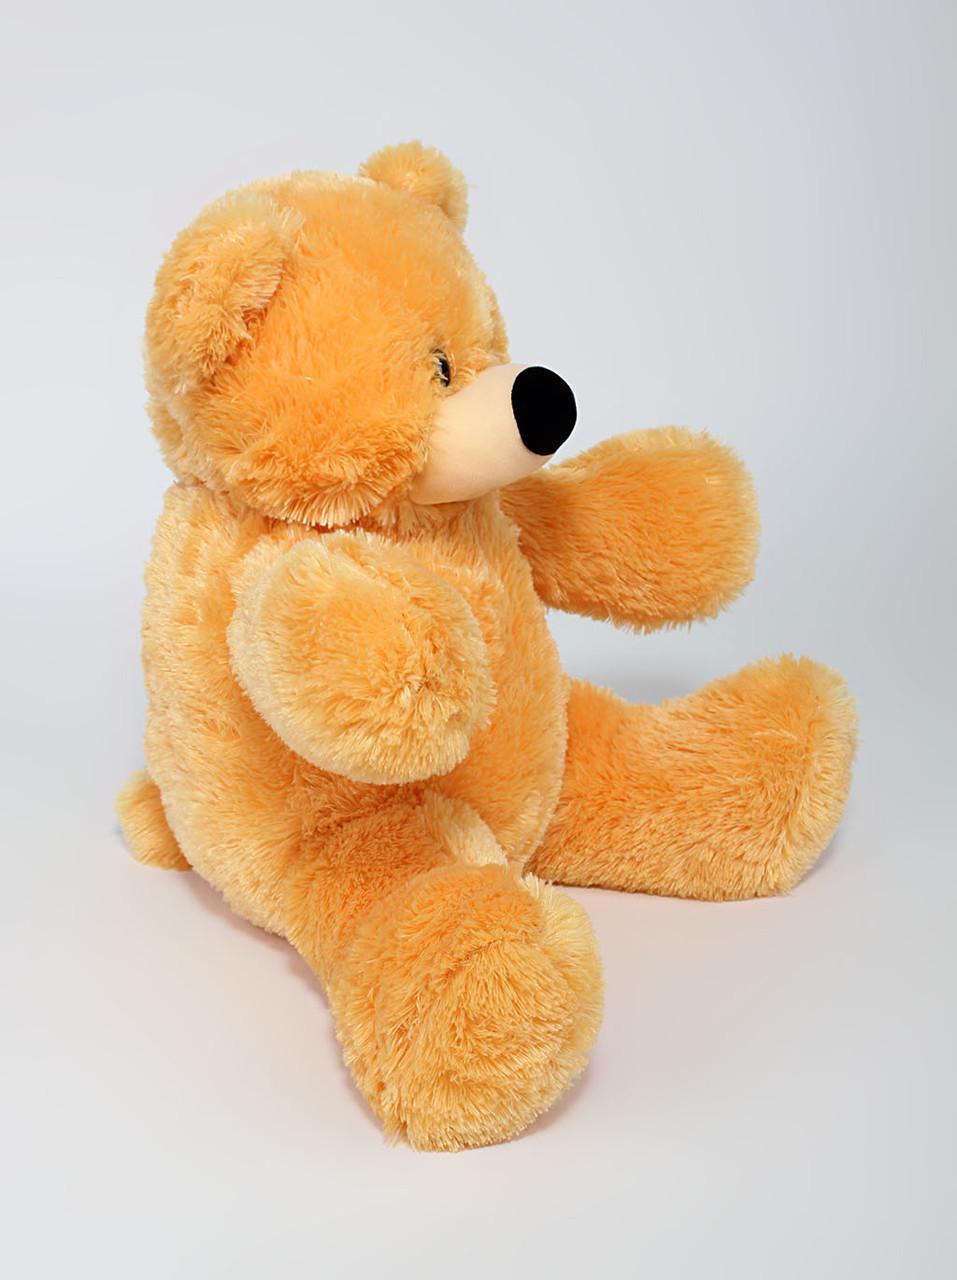 Мягкая игрушка мишка Бублик 65 см медовый, фото 1